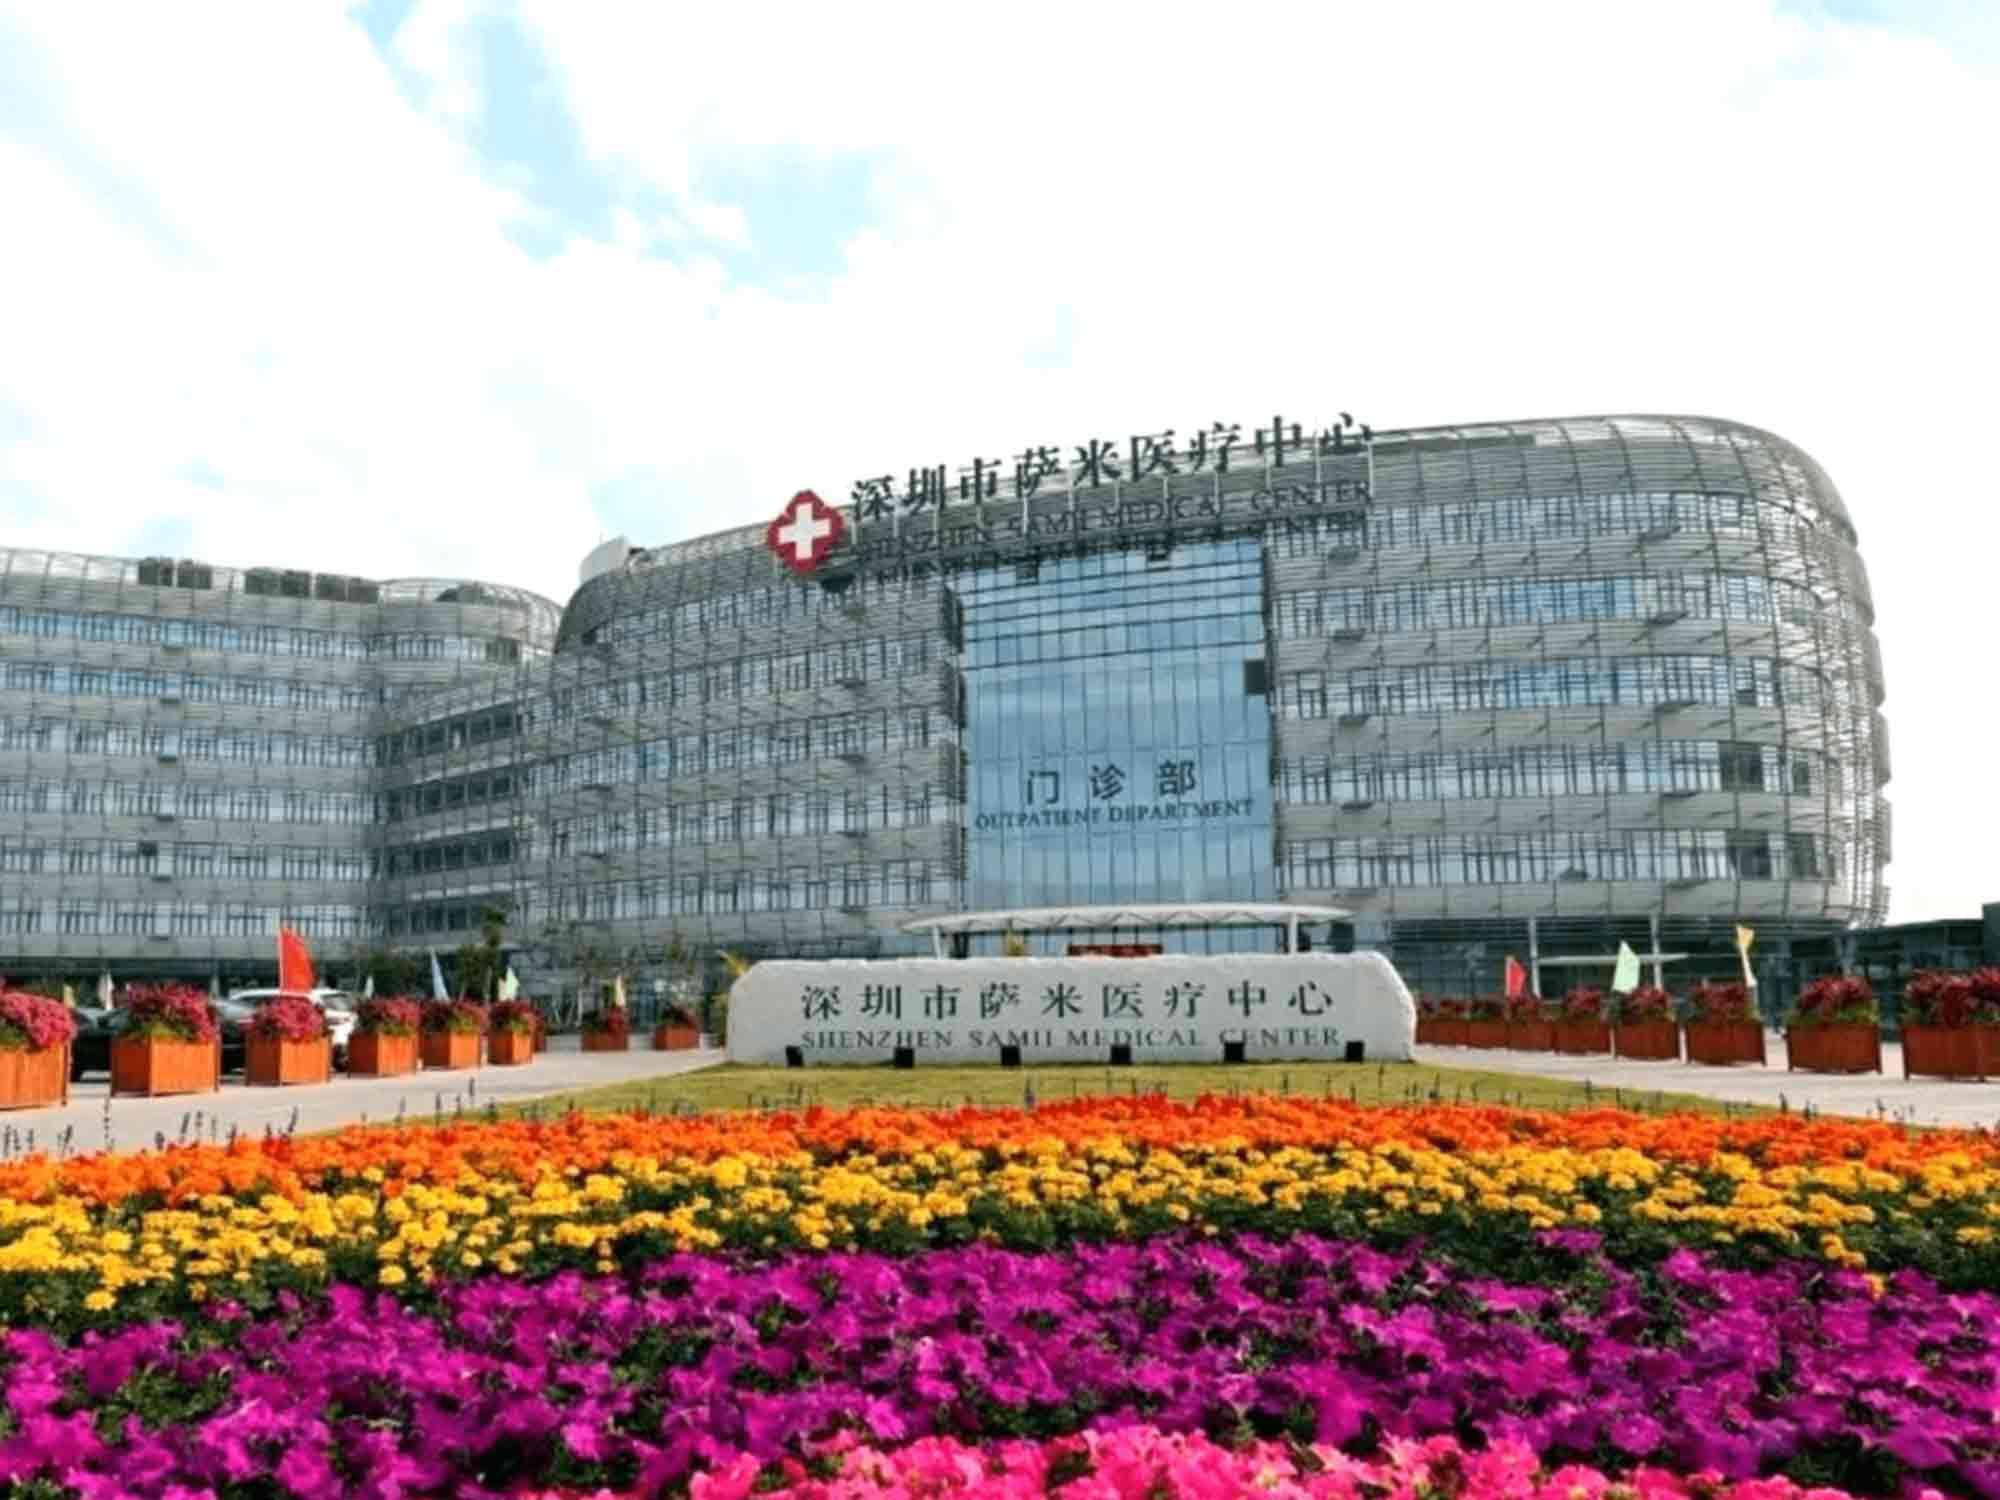 深圳市萨米医疗中心(深圳市第四人民医院)